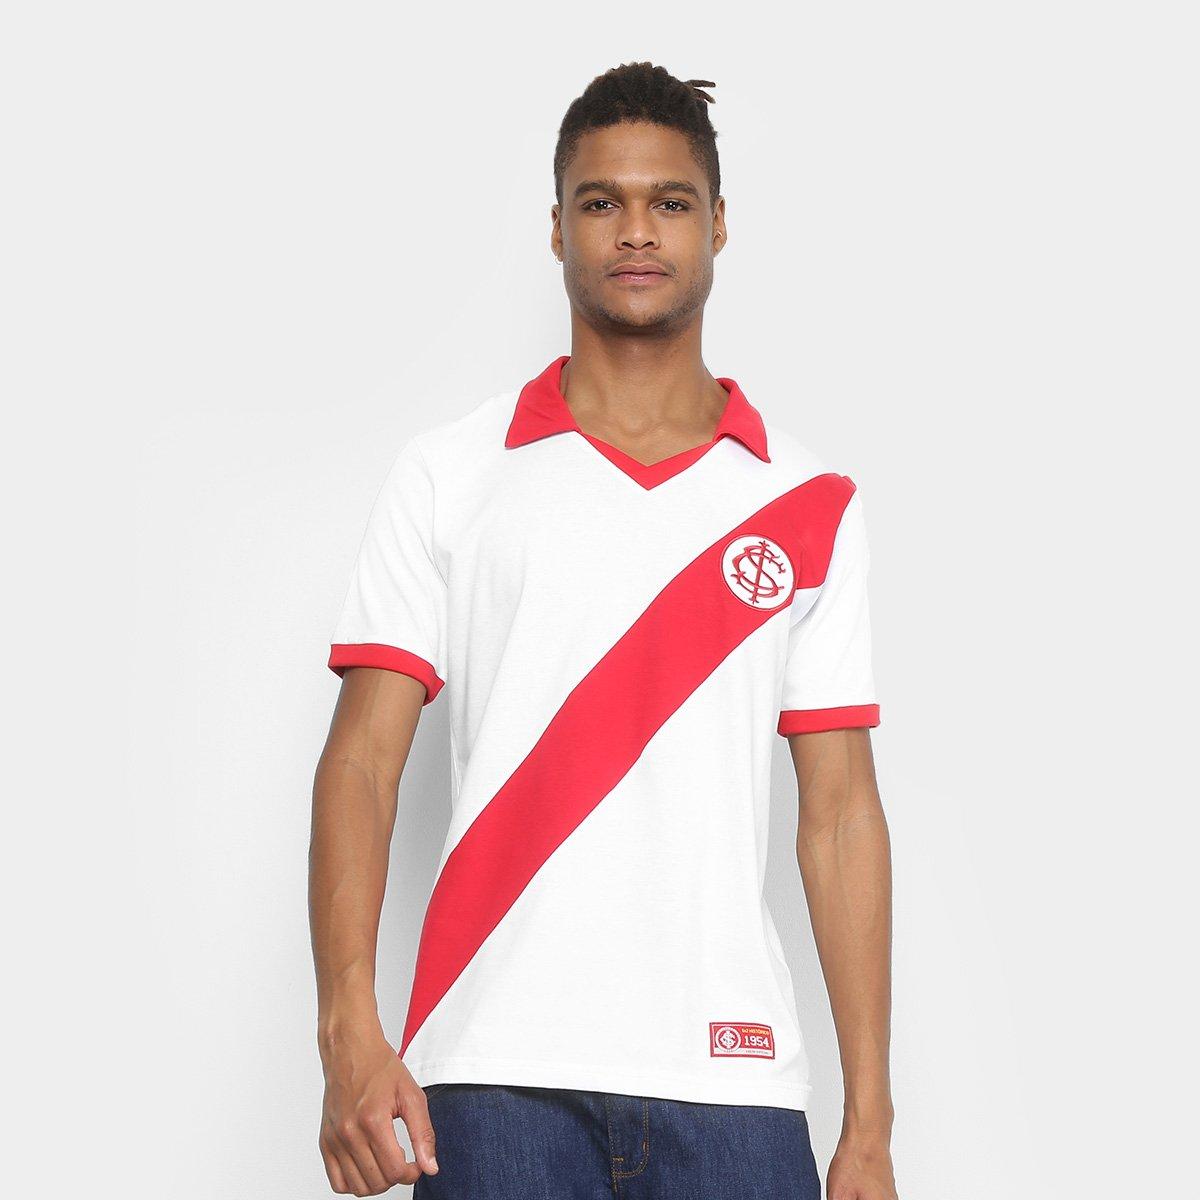 34b8135cf06 Camiseta Internacional Retrô Mania 1954 Masculina - Compre Agora ...